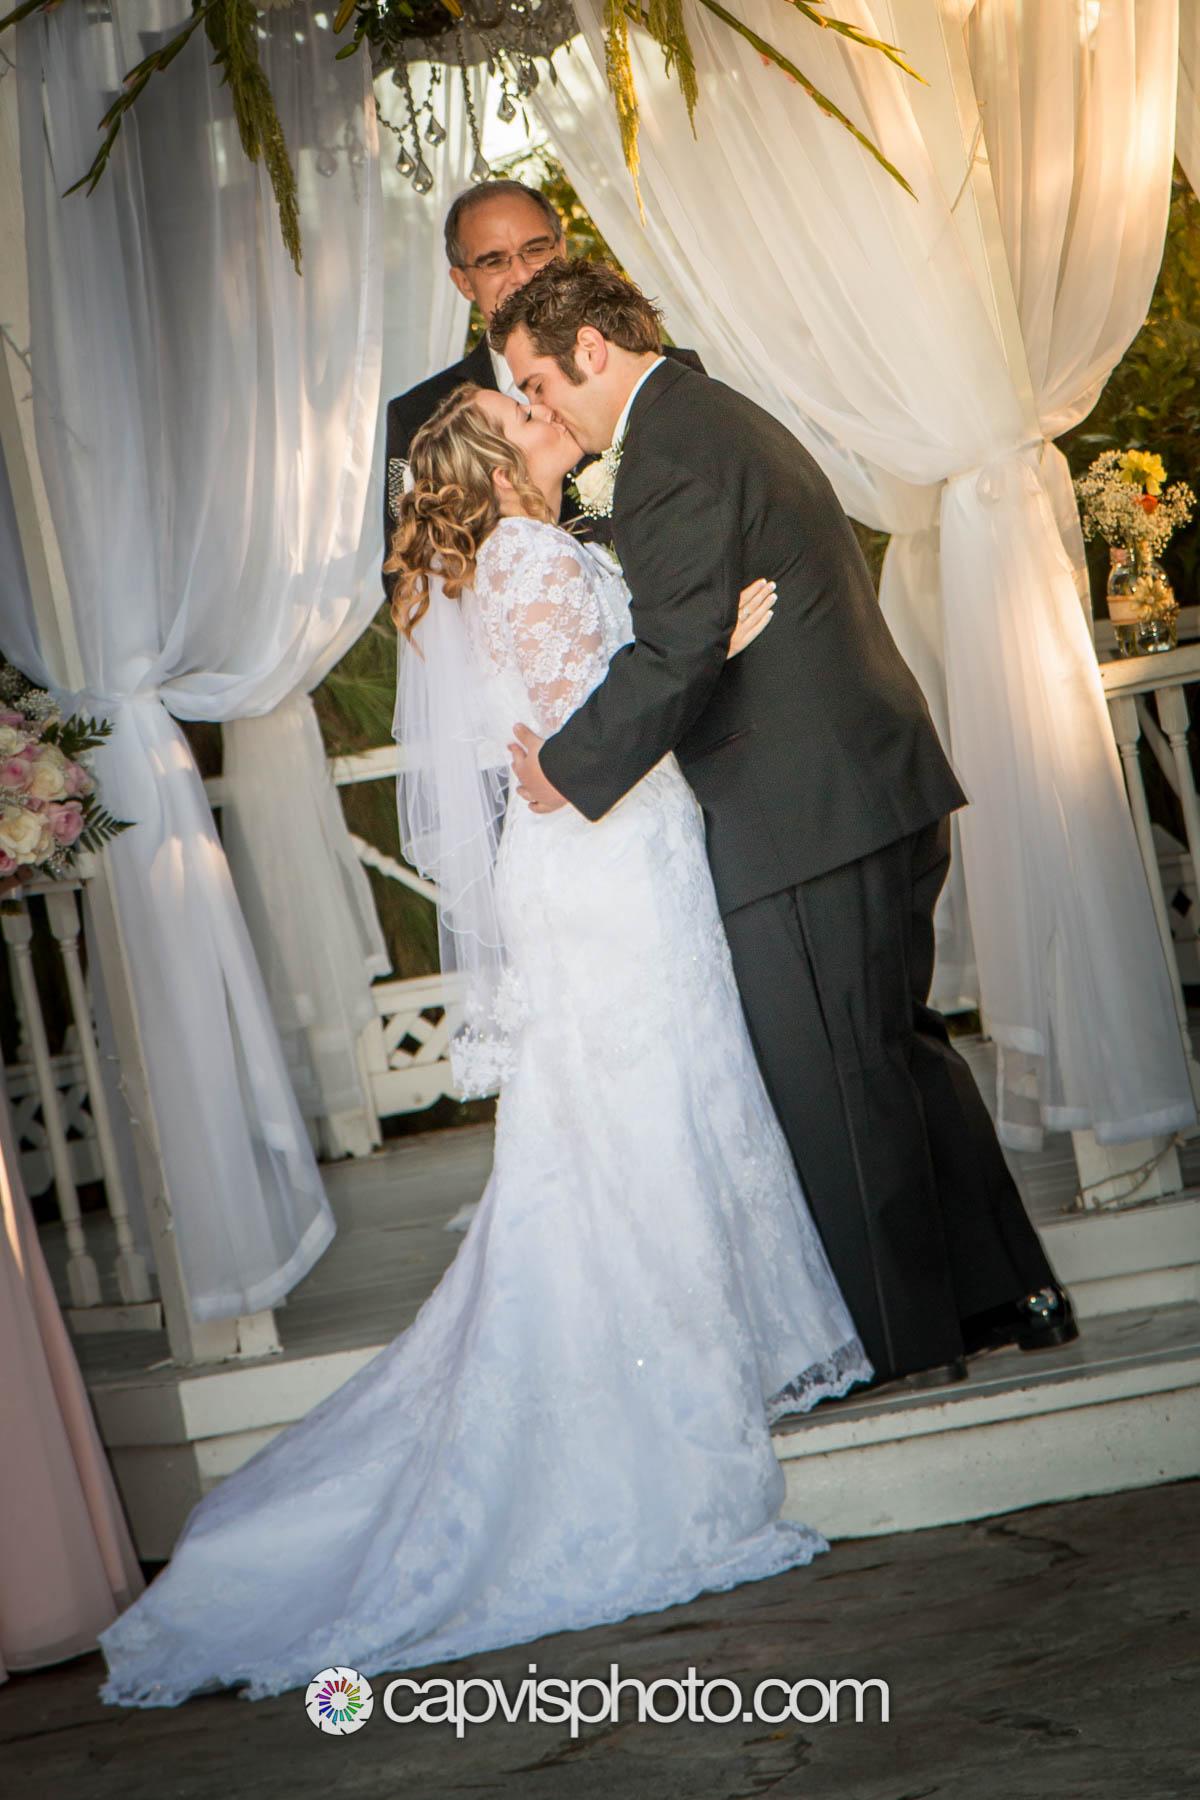 Grangruth Wedding (23 of 52).jpg